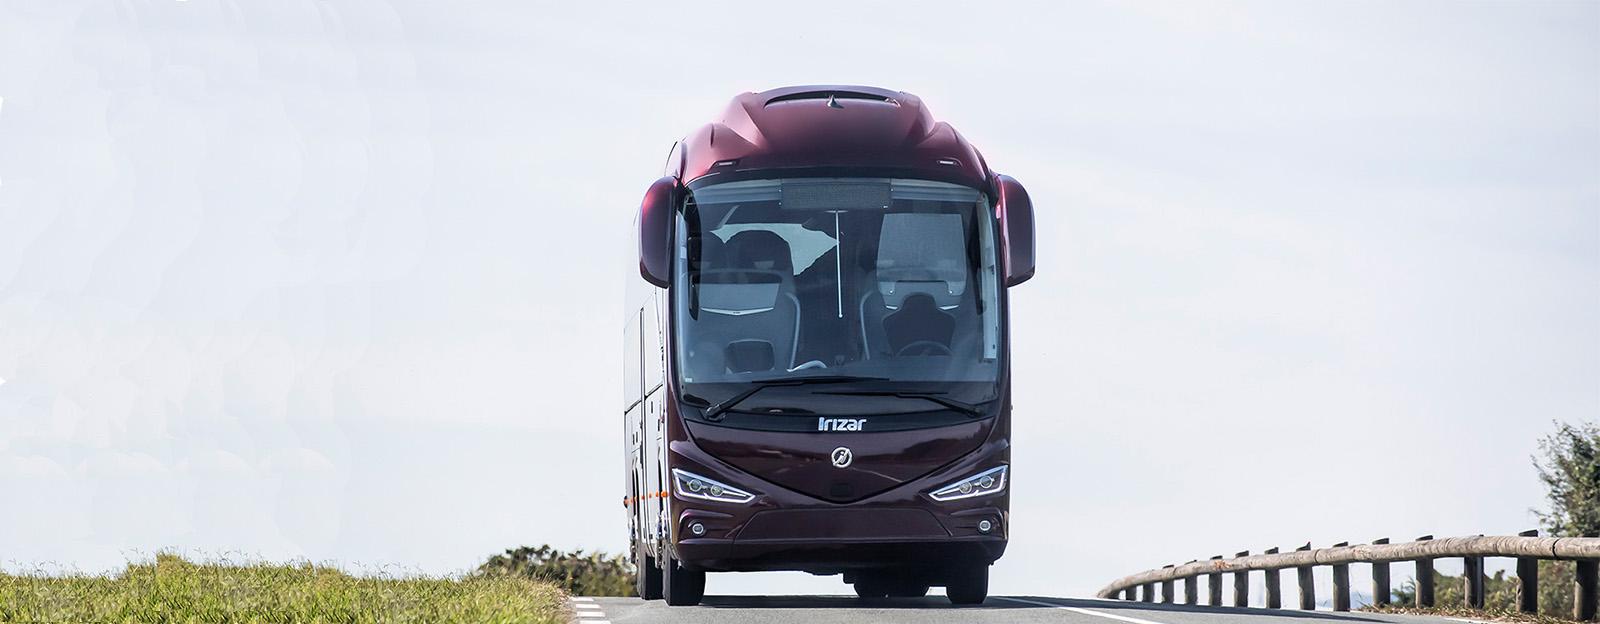 le nouvel autocar irizar i6s prix autocar de l ann e 2017 en espagne. Black Bedroom Furniture Sets. Home Design Ideas